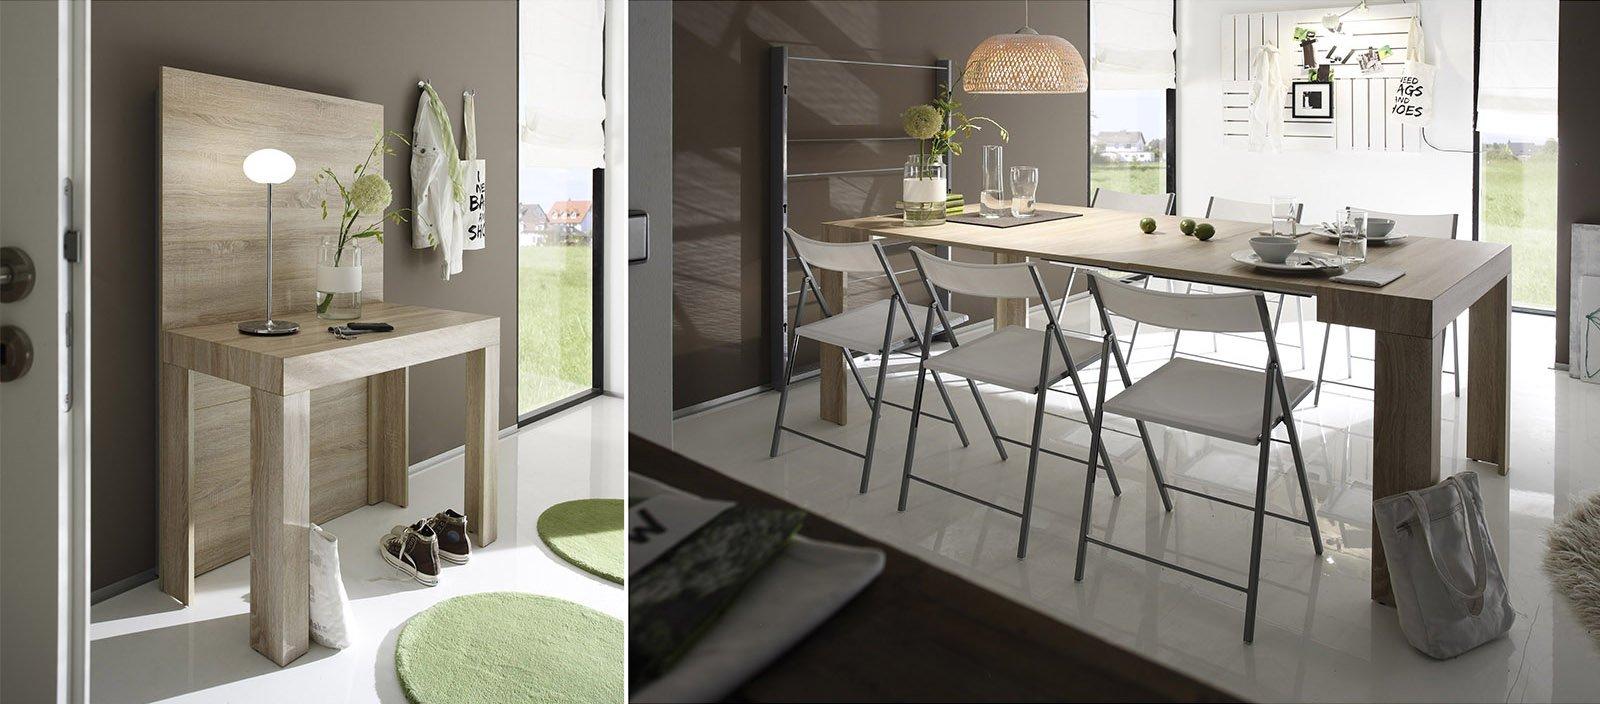 tavoli allungabili: trasformabili quando serve - cose di casa - Tavolino Soggiorno Apribile 2